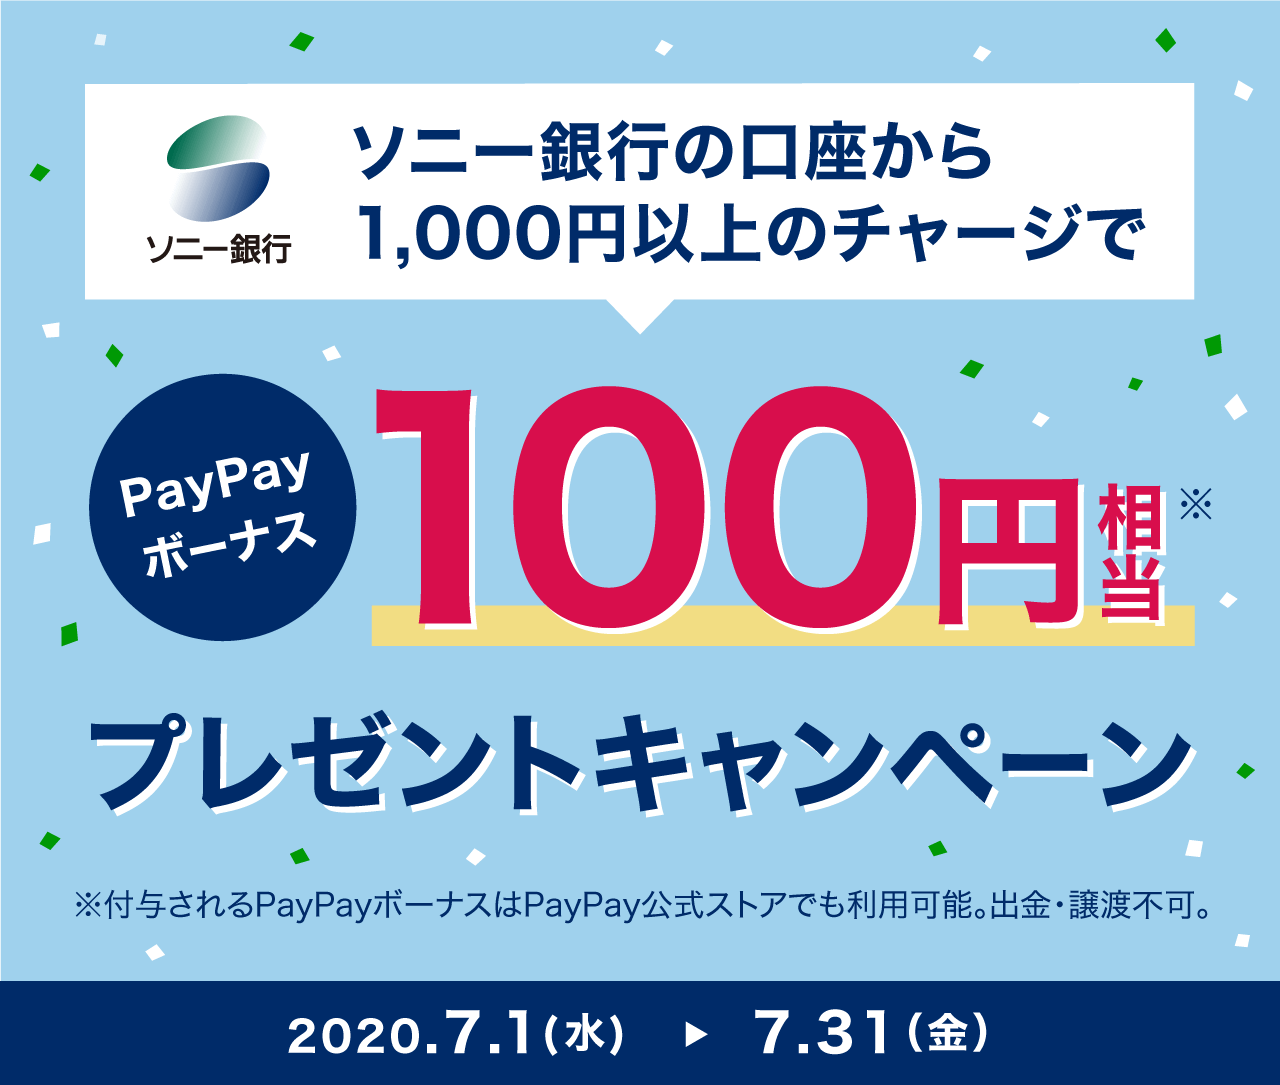 ソニー銀行の口座から1,000円以上のチャージで PayPayボーナス100円相当 プレゼントキャンペーン